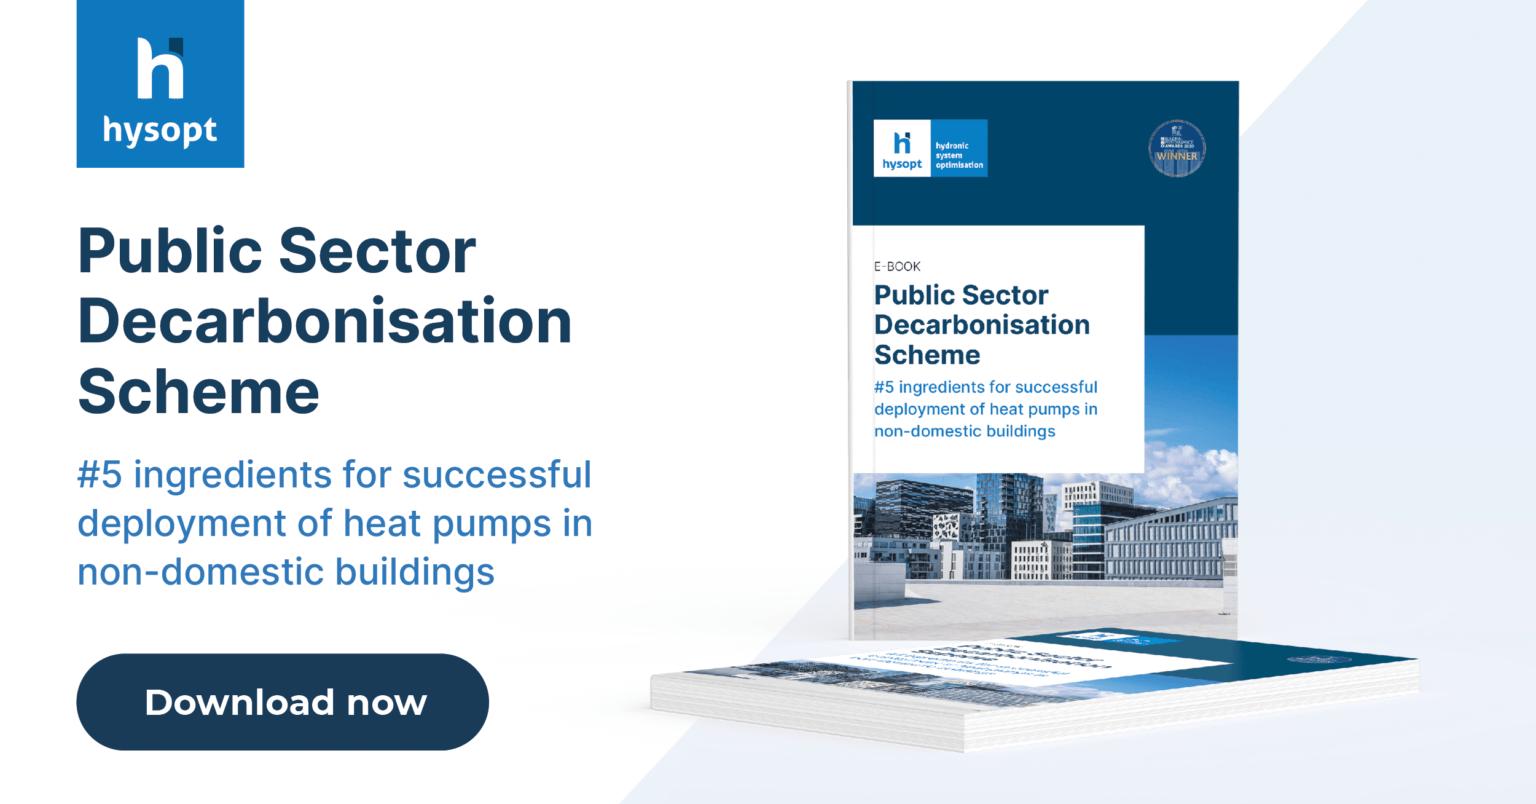 Hysopt E-book Public Sector Decarbonisation Scheme